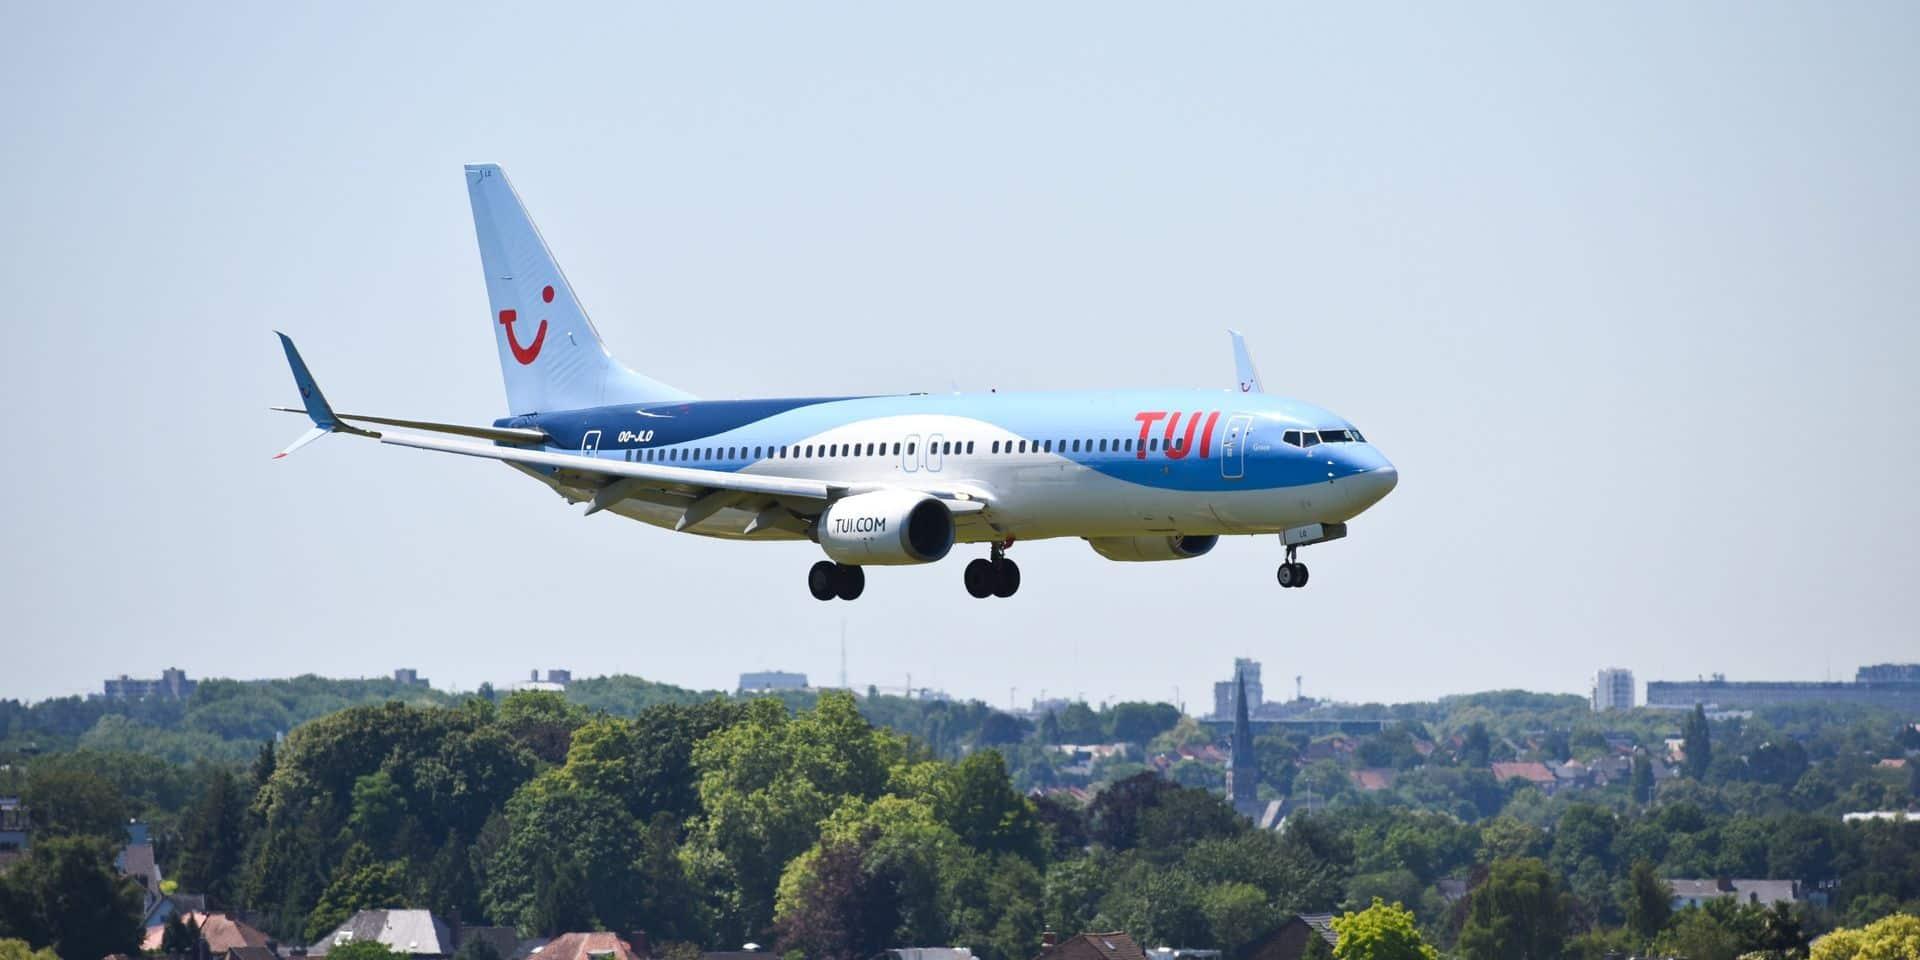 TUI suspend ses vols jusqu'en mars depuis les Pays-Bas